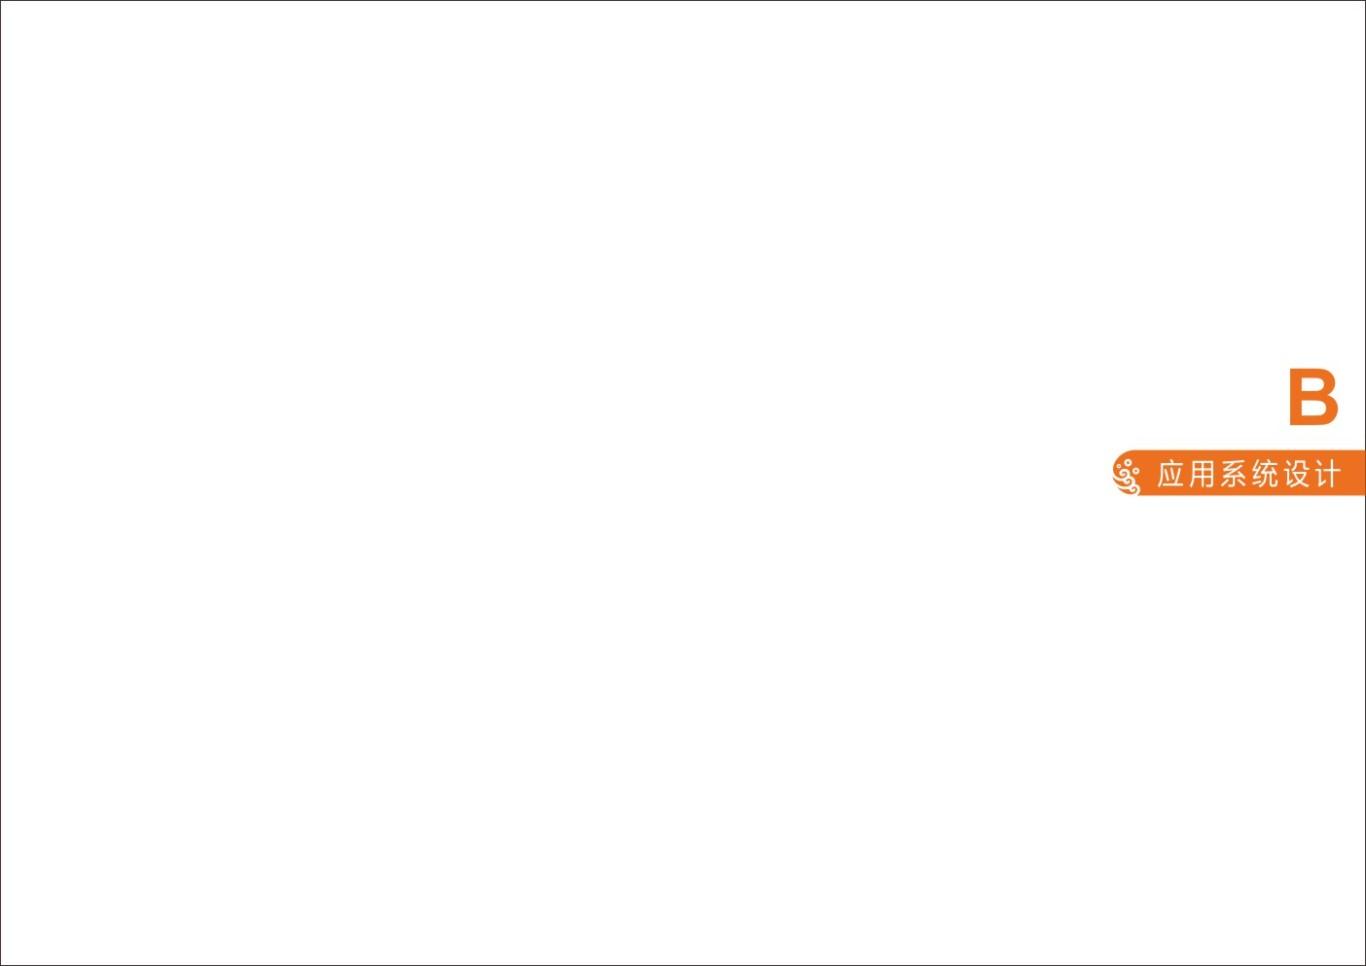 四川广融钱多多品牌及VI形象设计图1